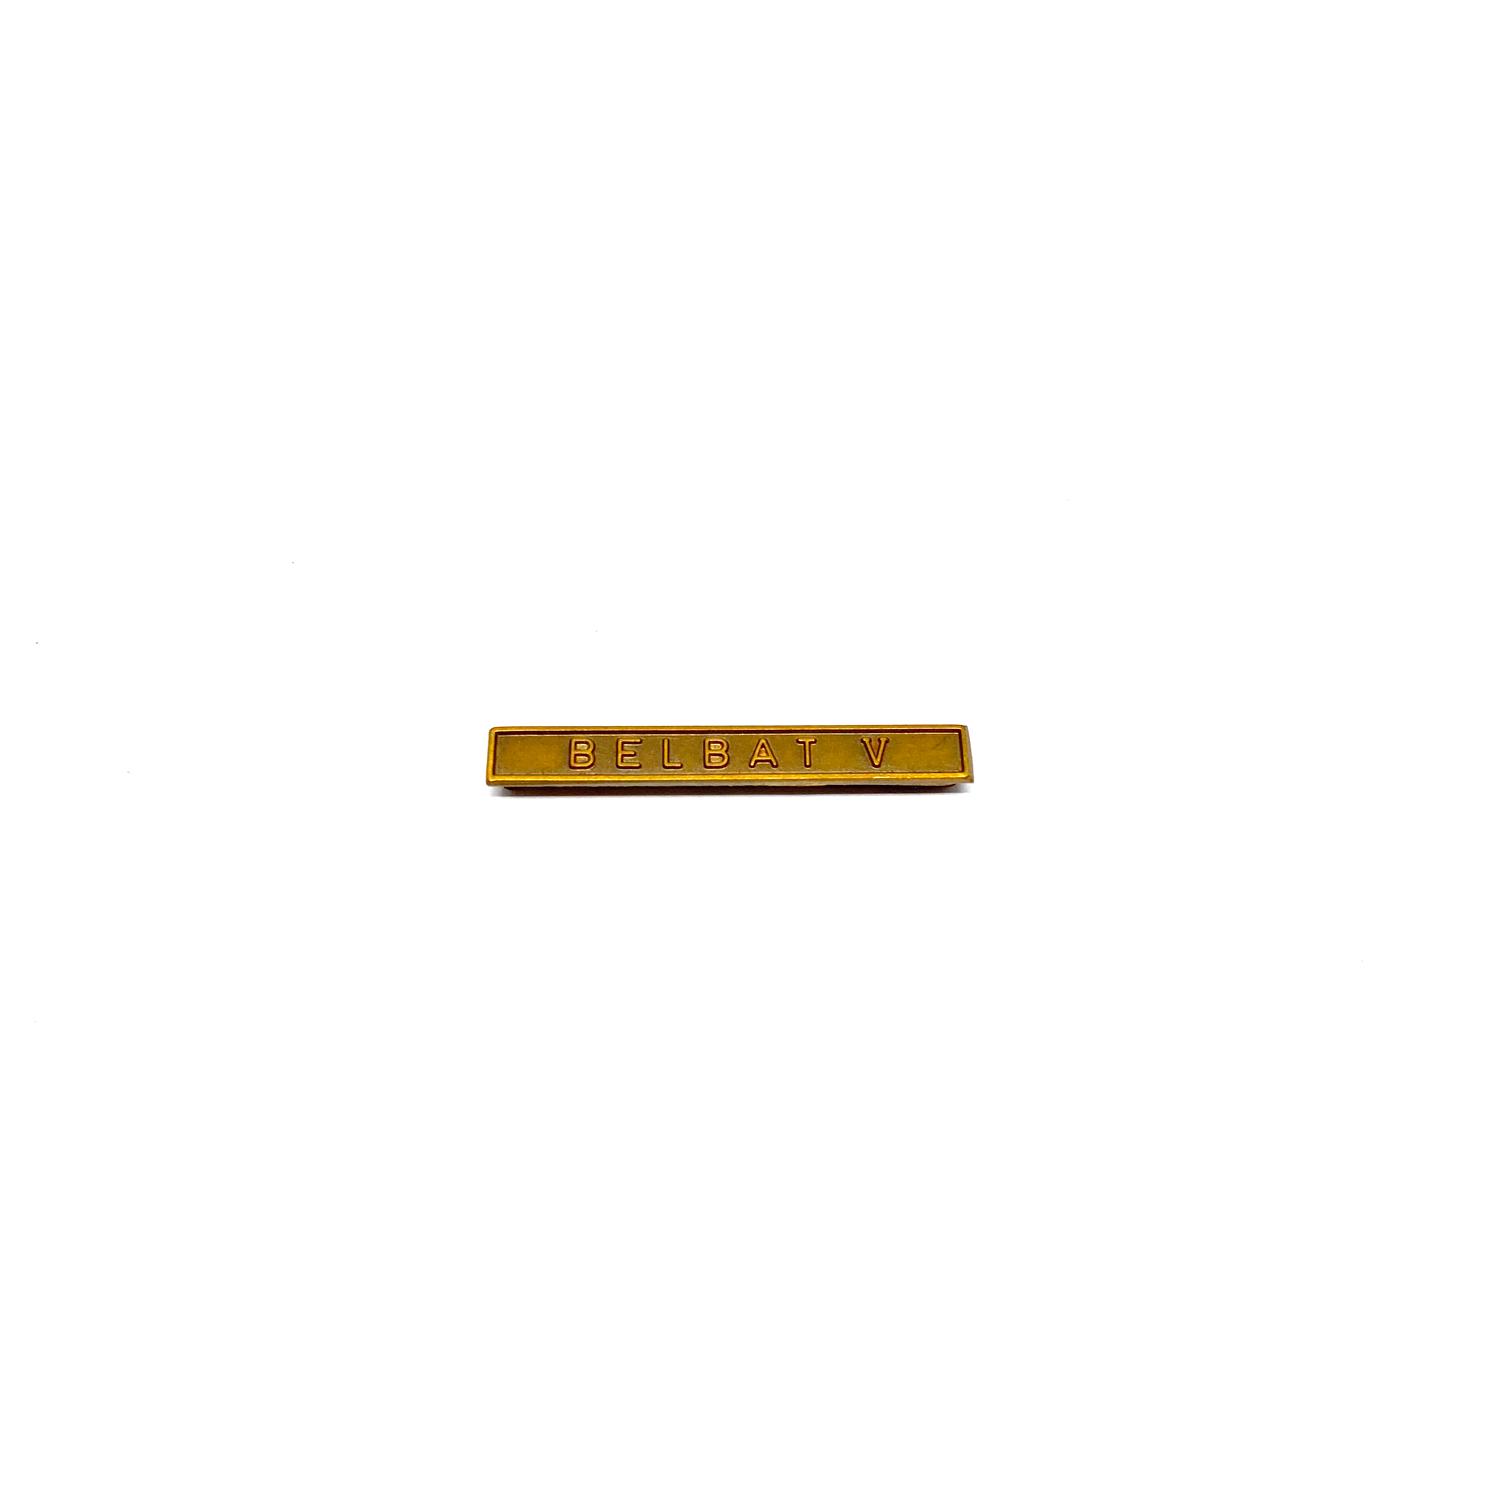 Barrette Belbat V pour décorations militaires